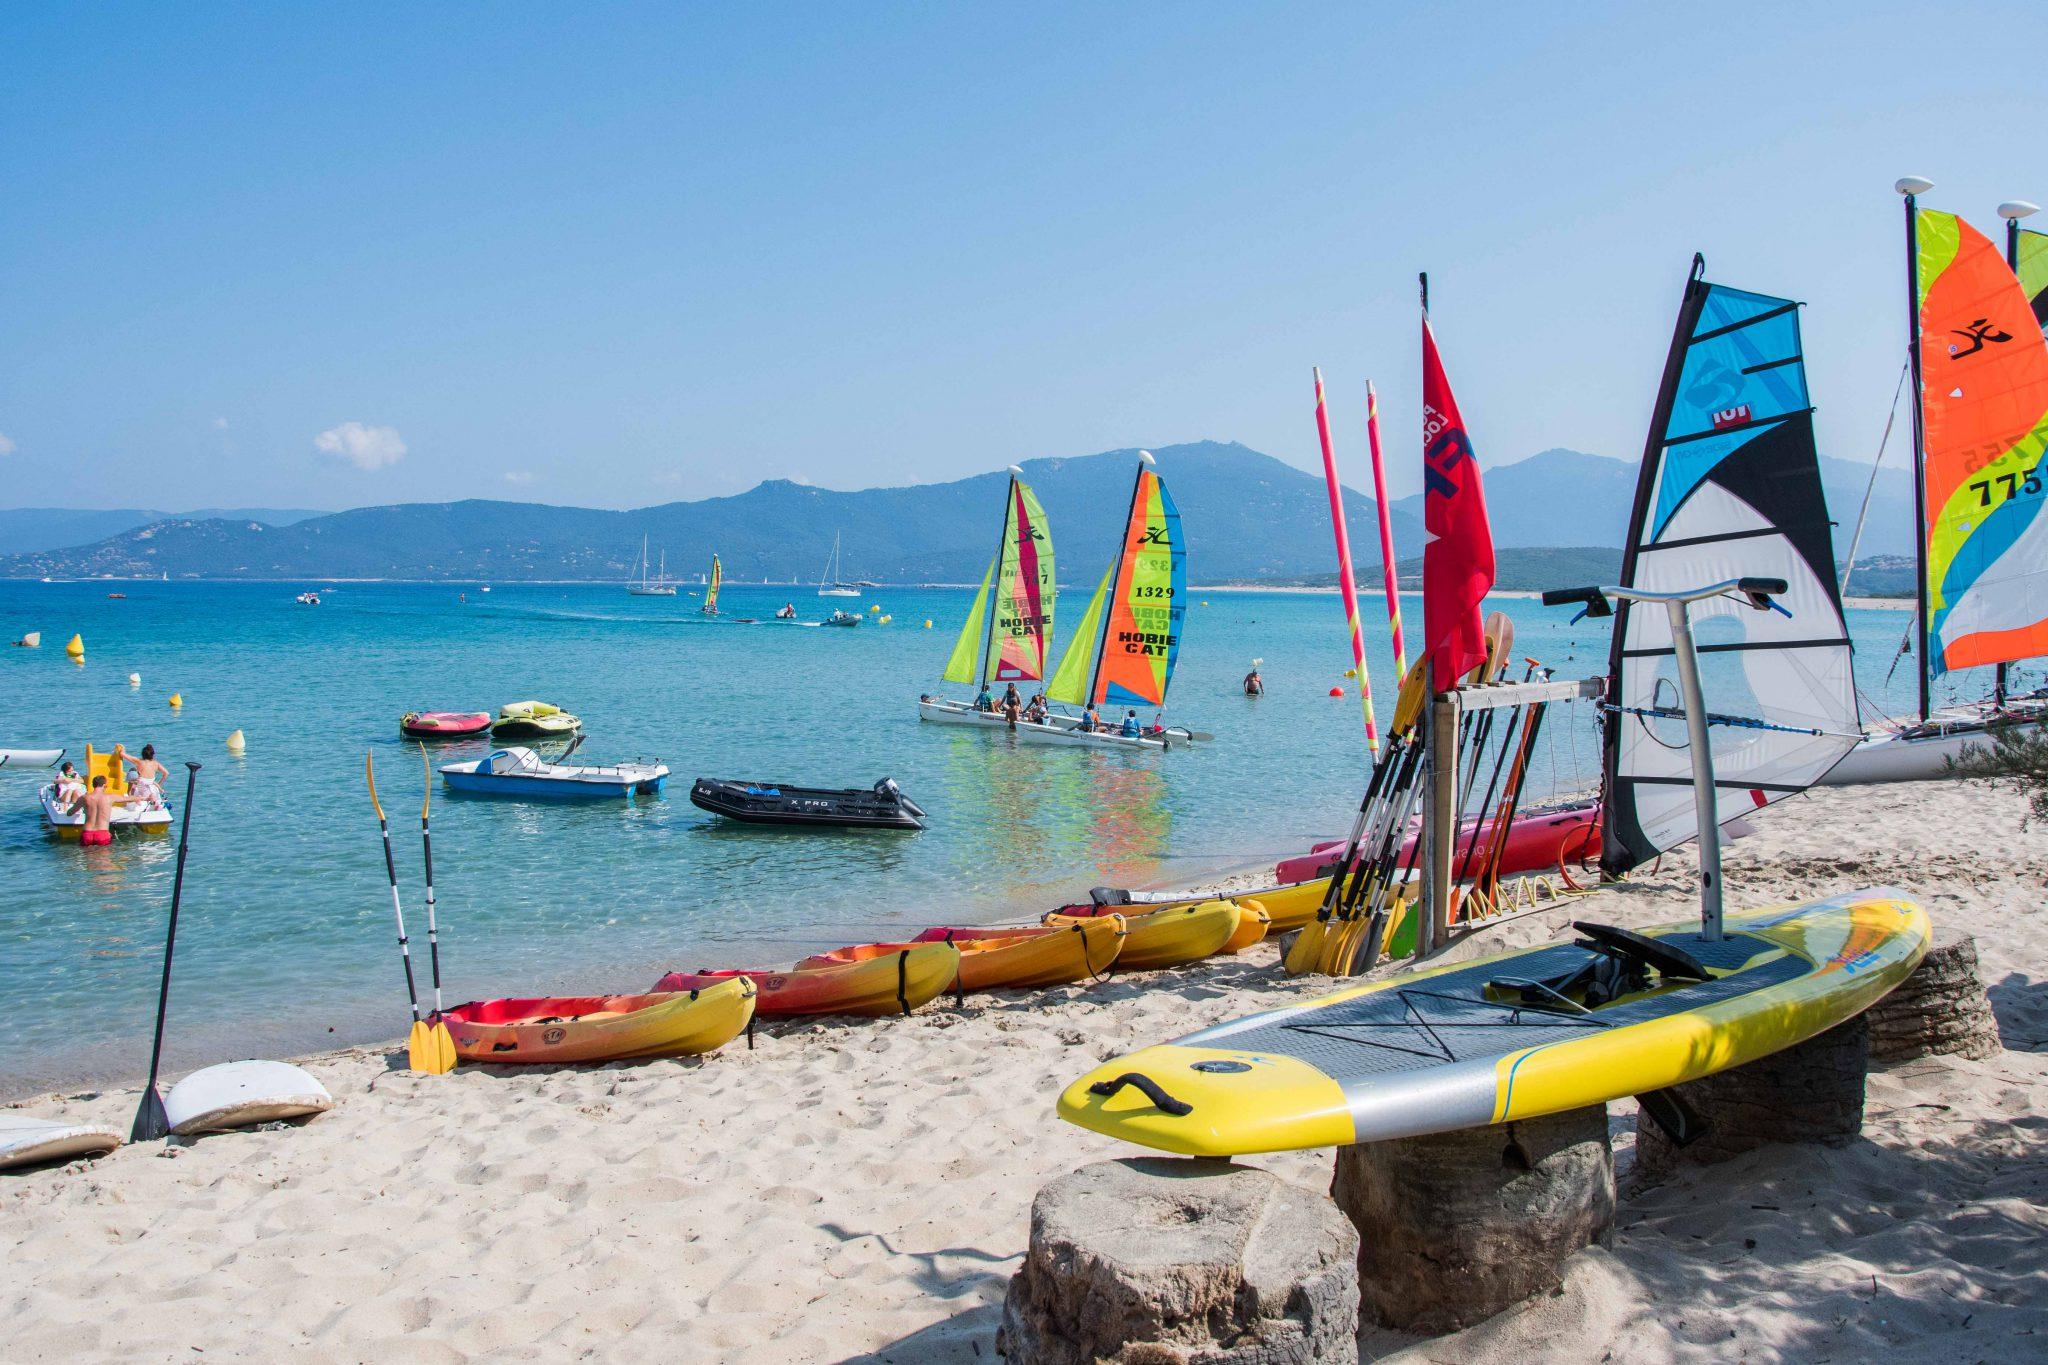 Activités nautiques à Portigliolo : planche à voile, kayak, pédalo